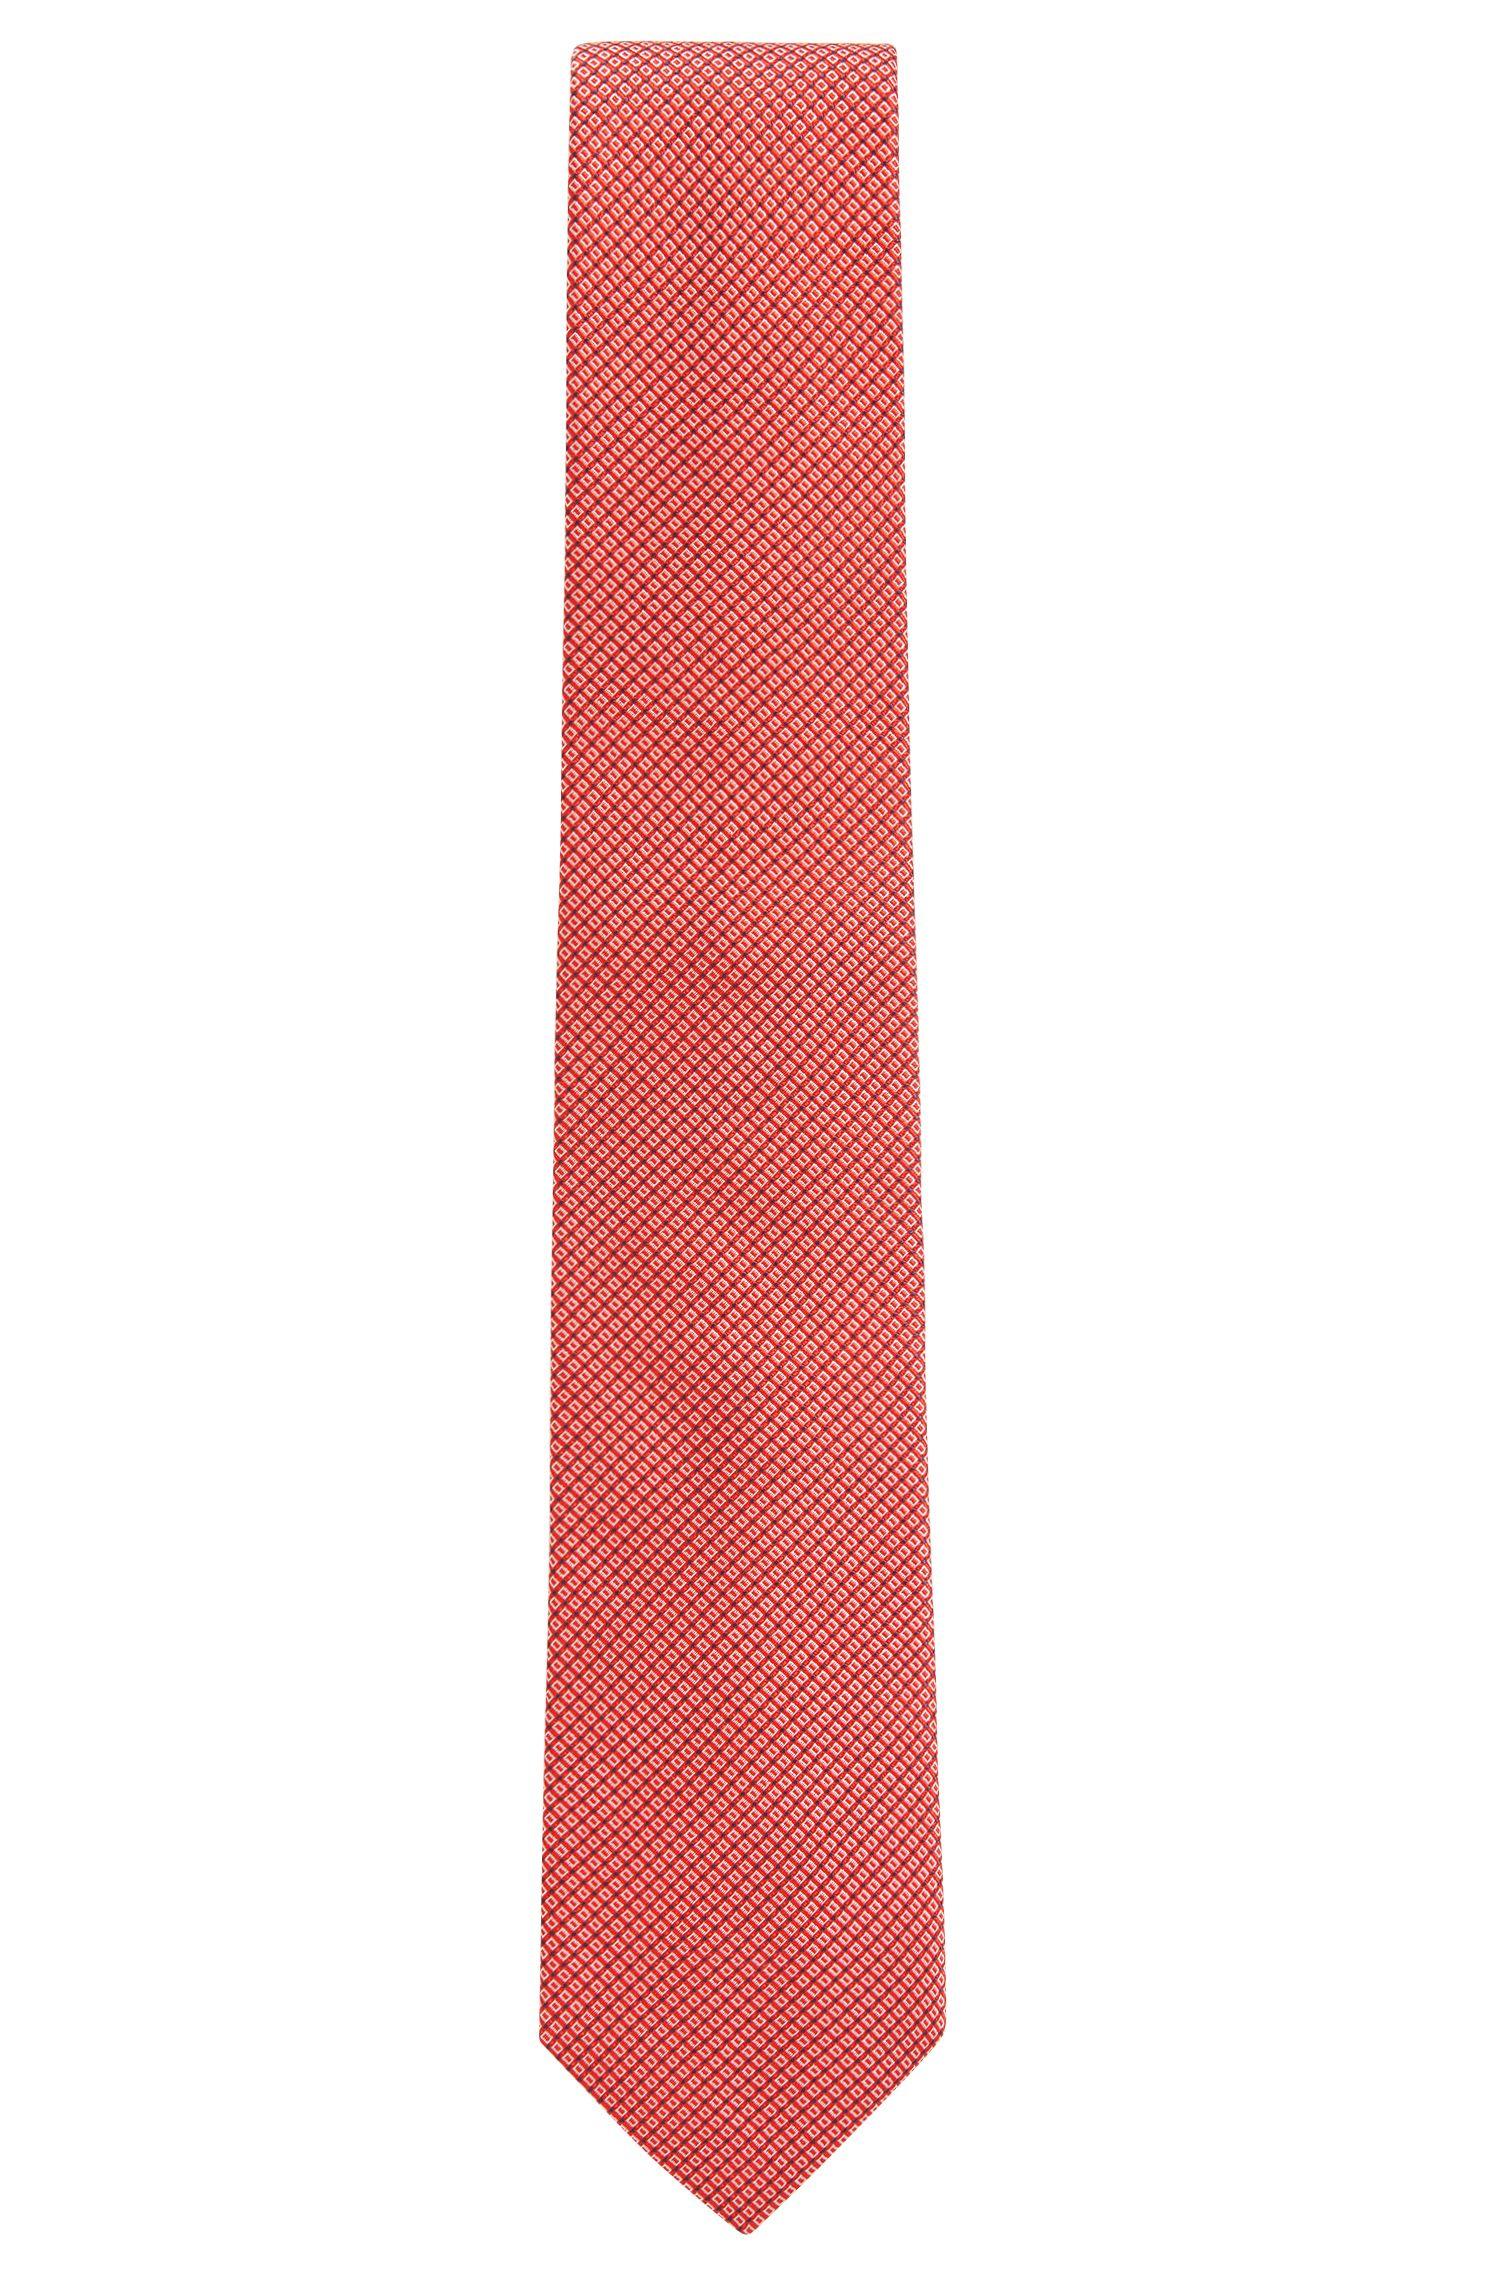 In Italien gefertigte Seiden-Krawatte mit Jacquard-Muster